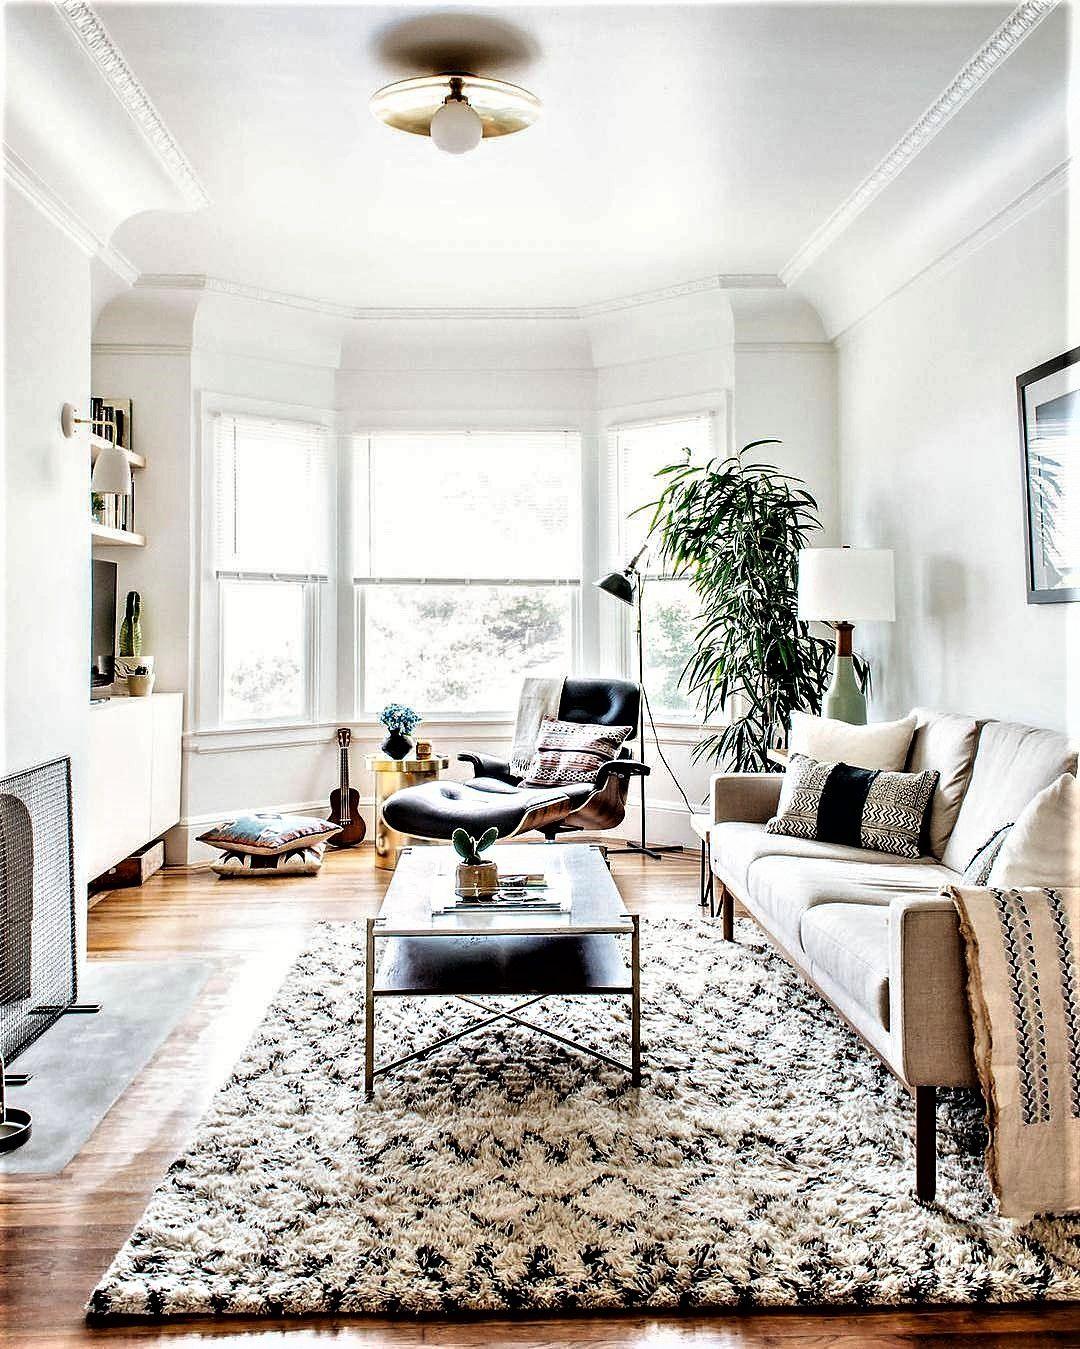 Pin von wohnwunderbar auf ALTBAU INTERIOR | Pinterest | Wohnzimmer ...